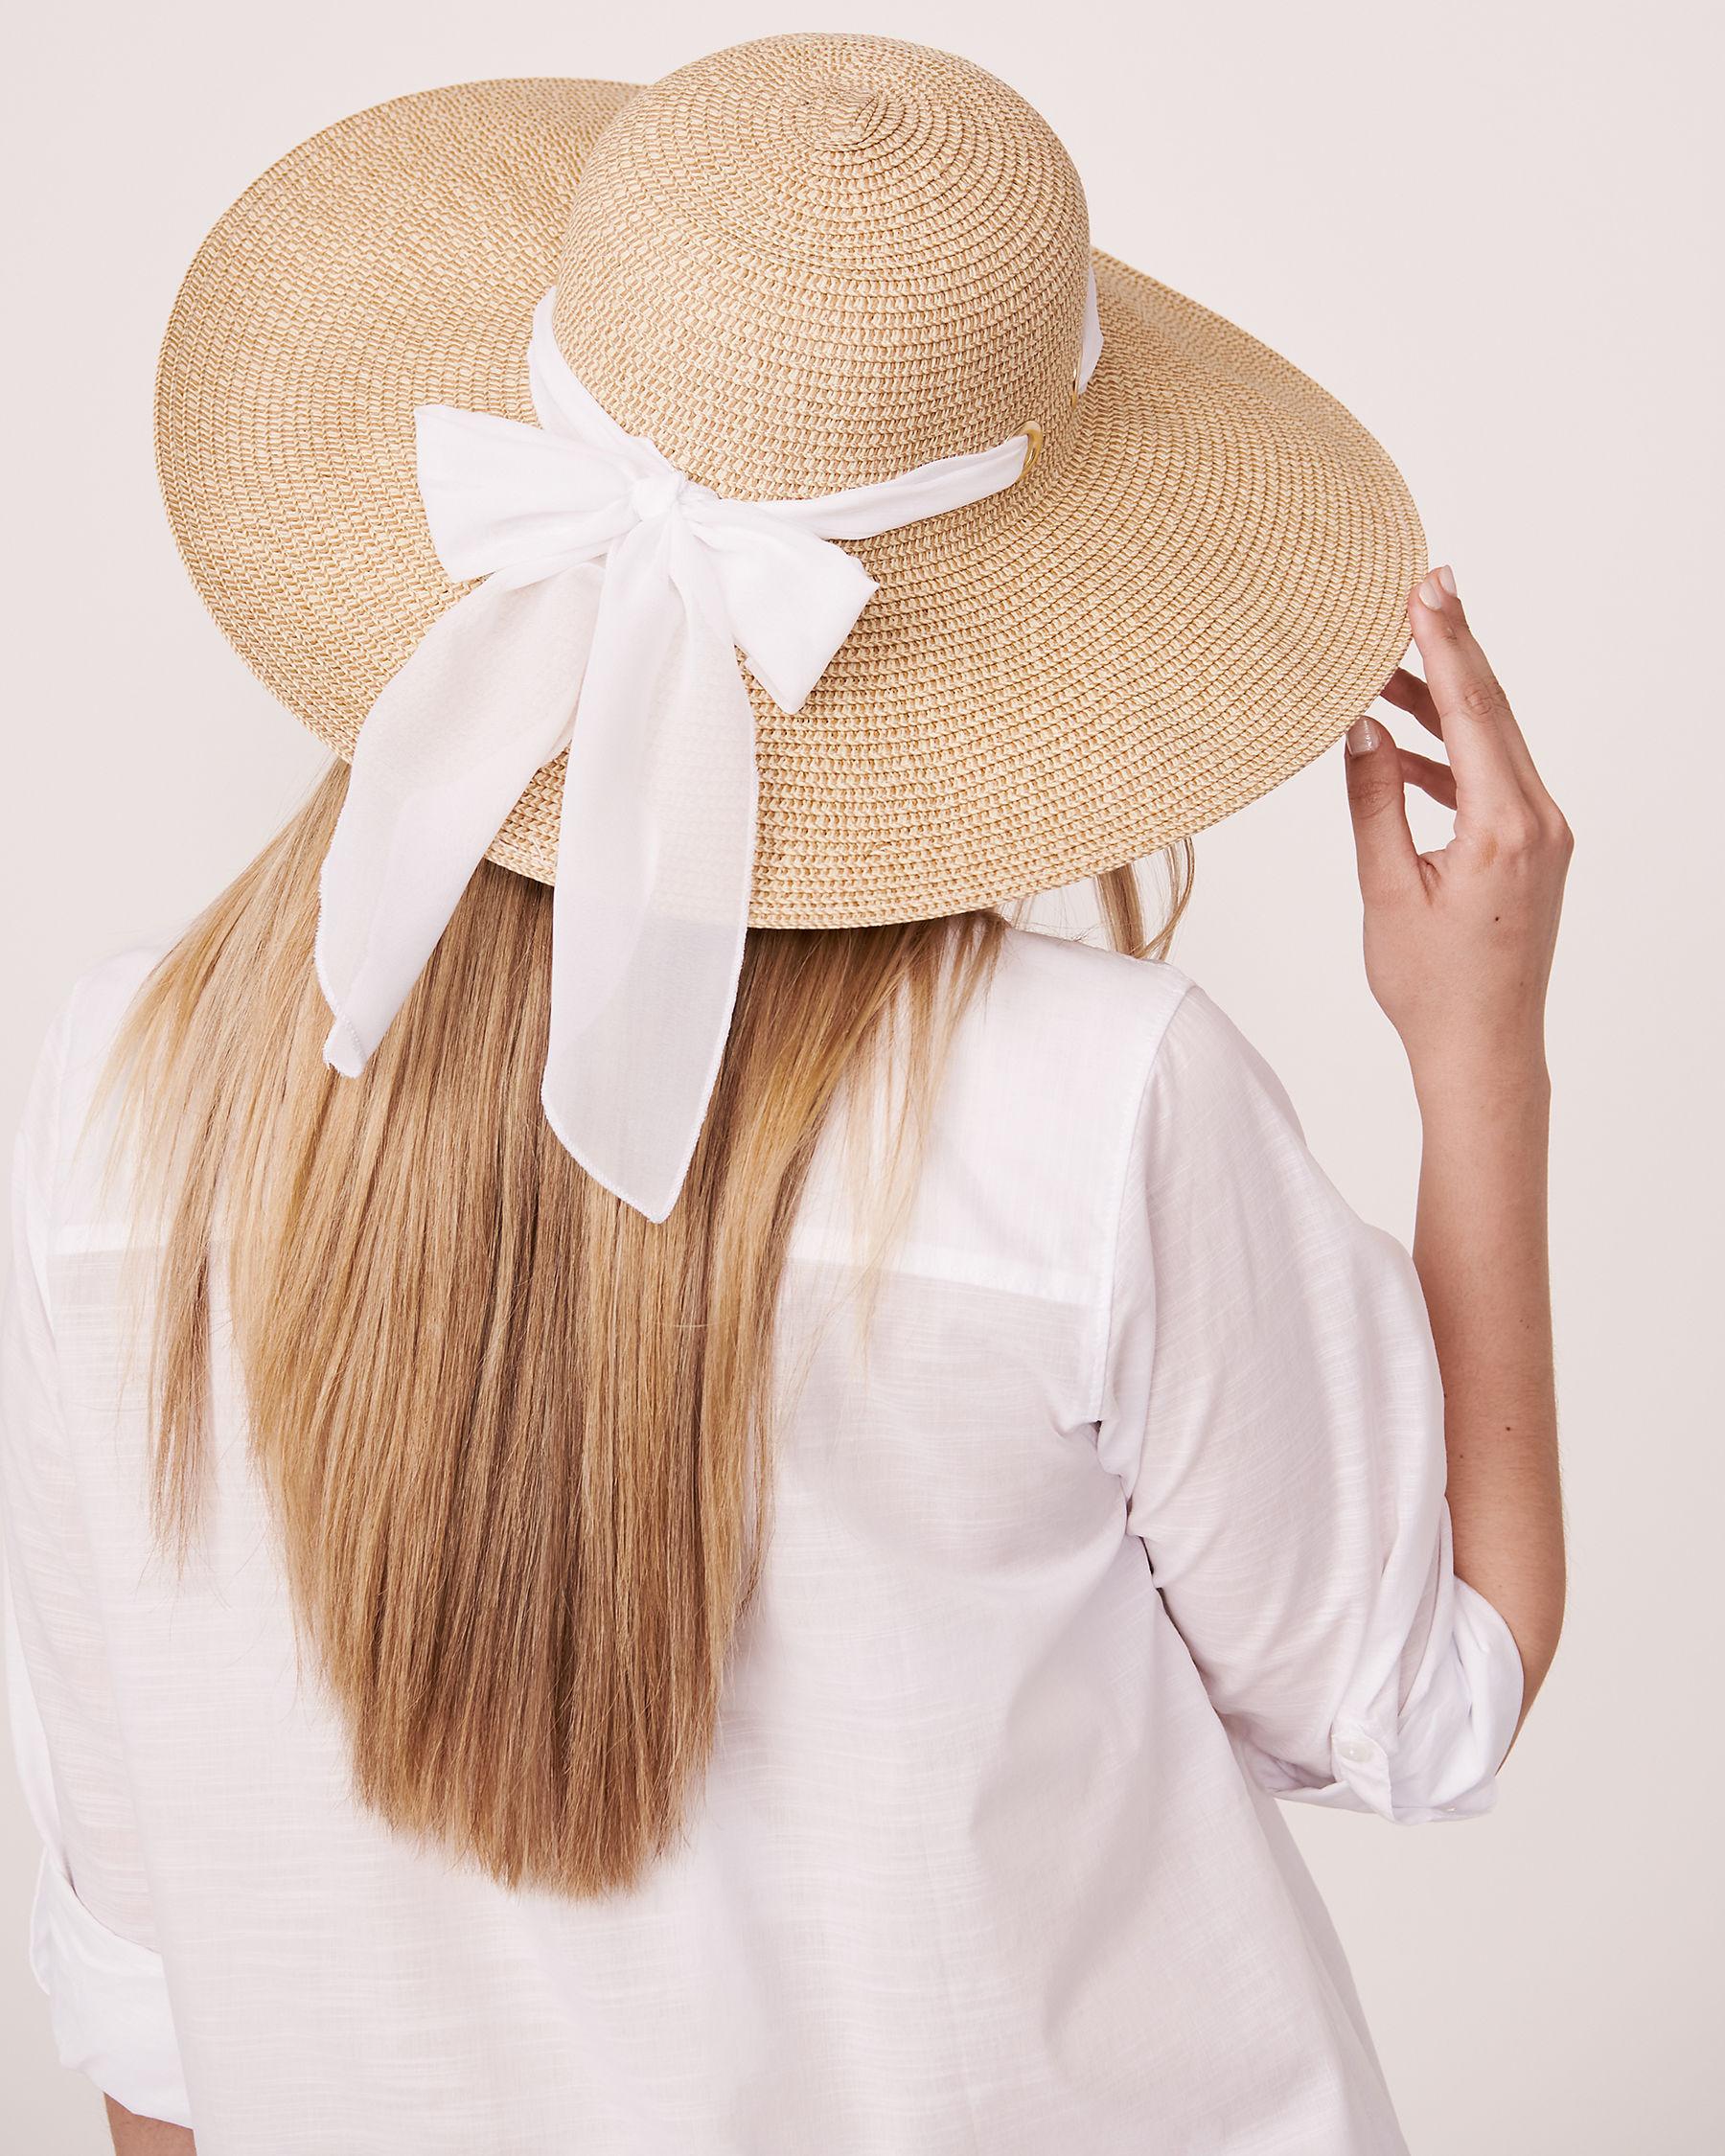 LA VIE EN ROSE AQUA Hat with Ribbon Sand 80500015 - View2